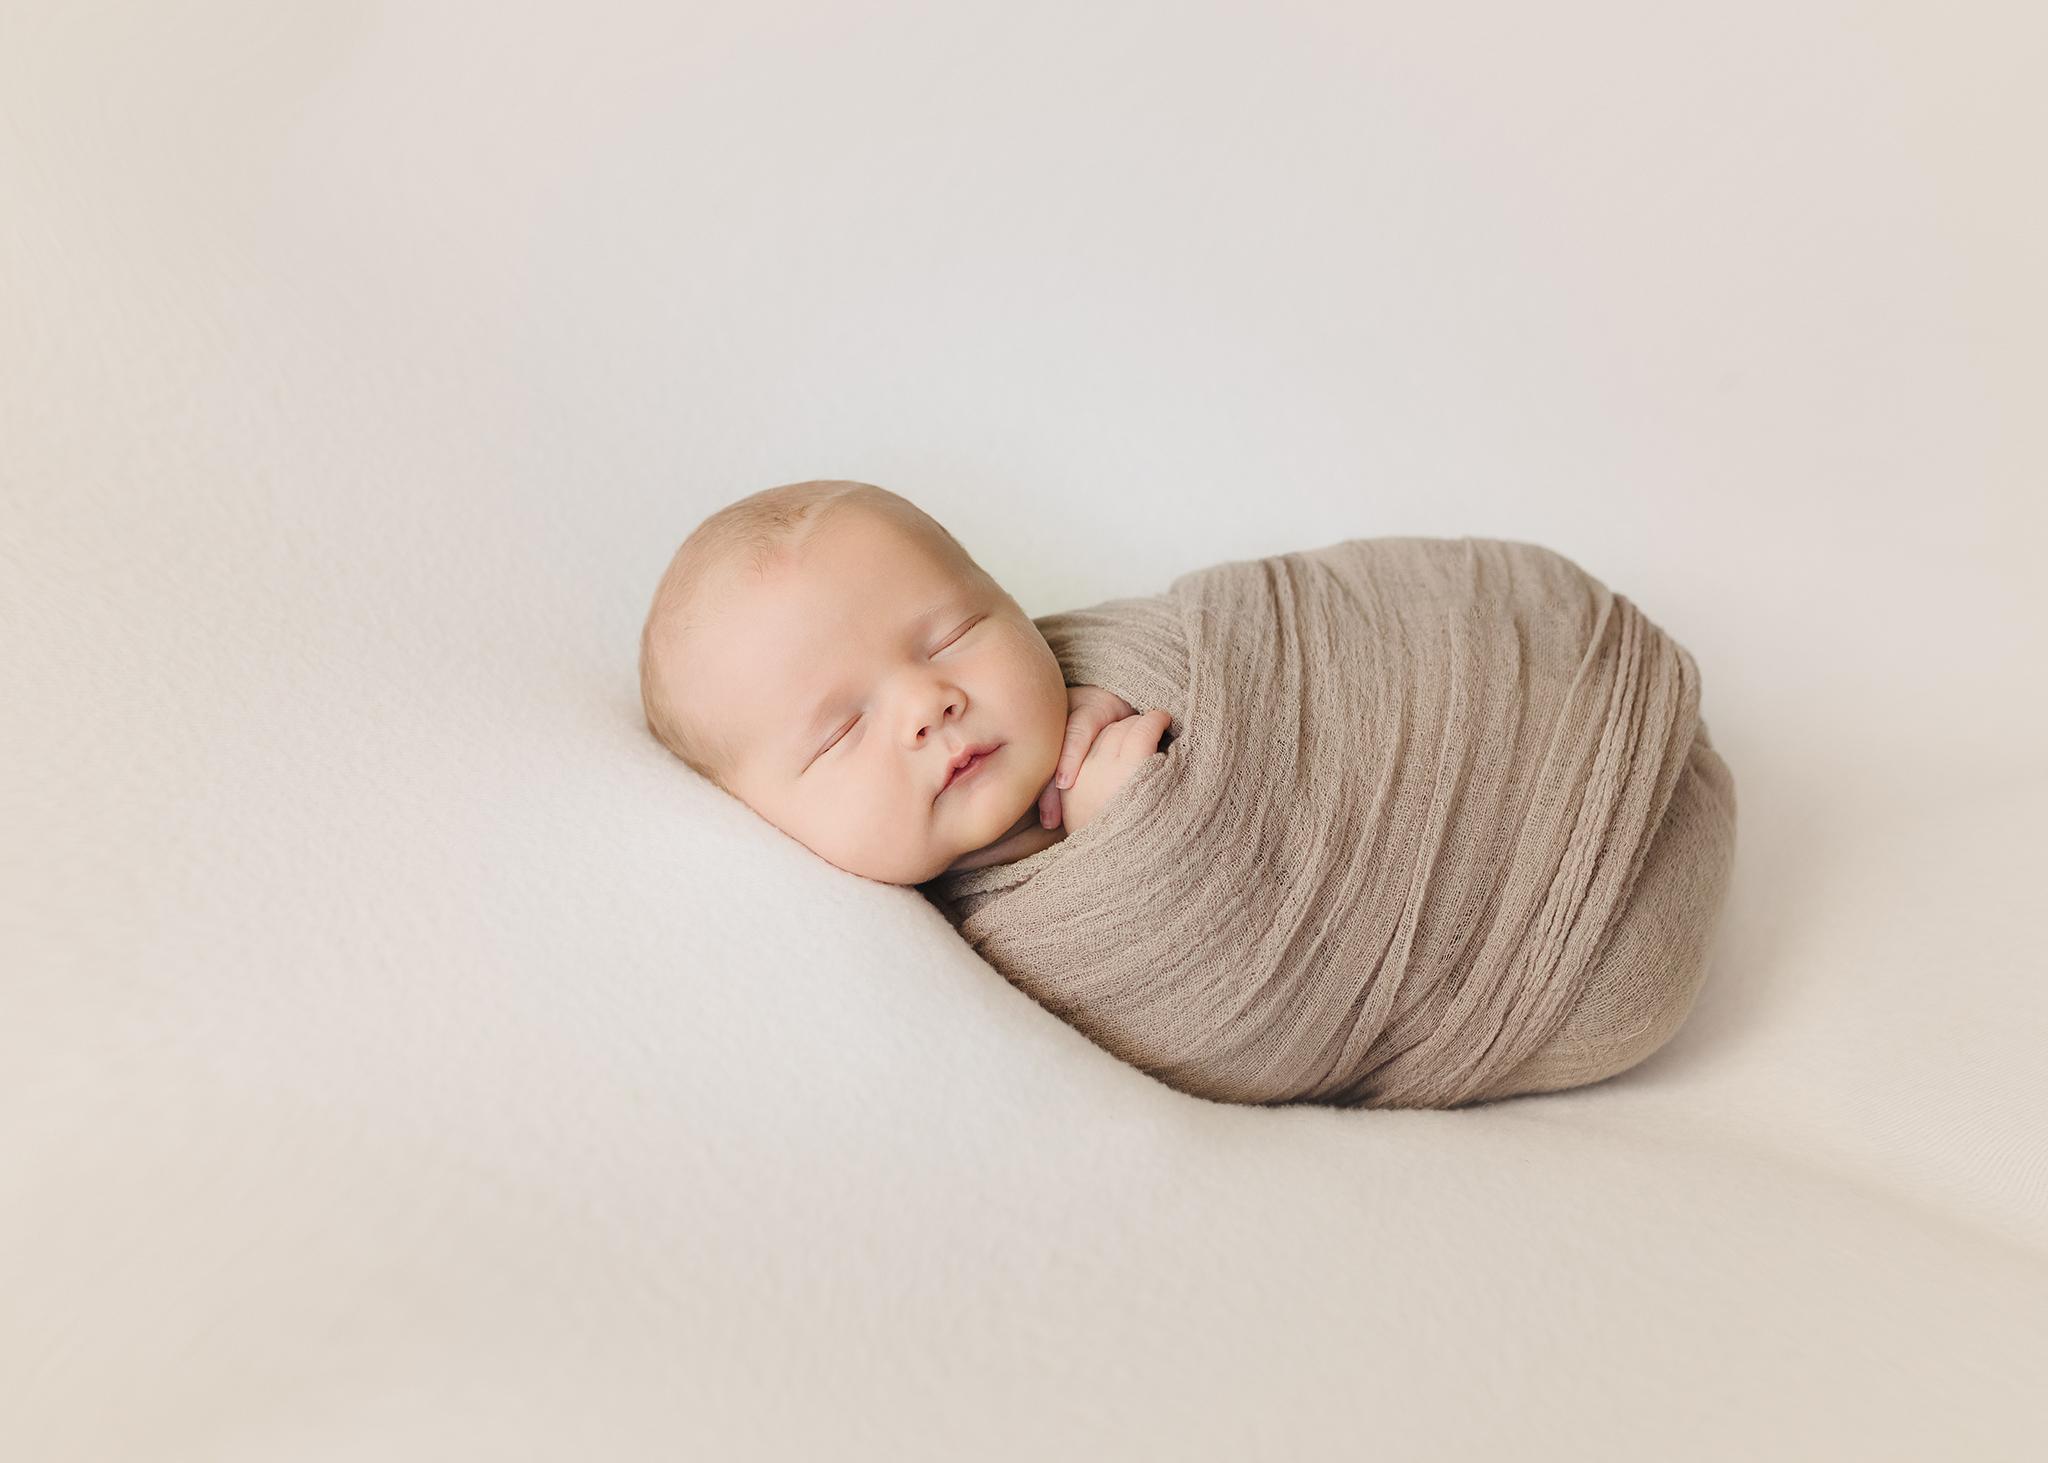 Edmonton Newborn Photographer_Baby Bennett 2019 7.jpg